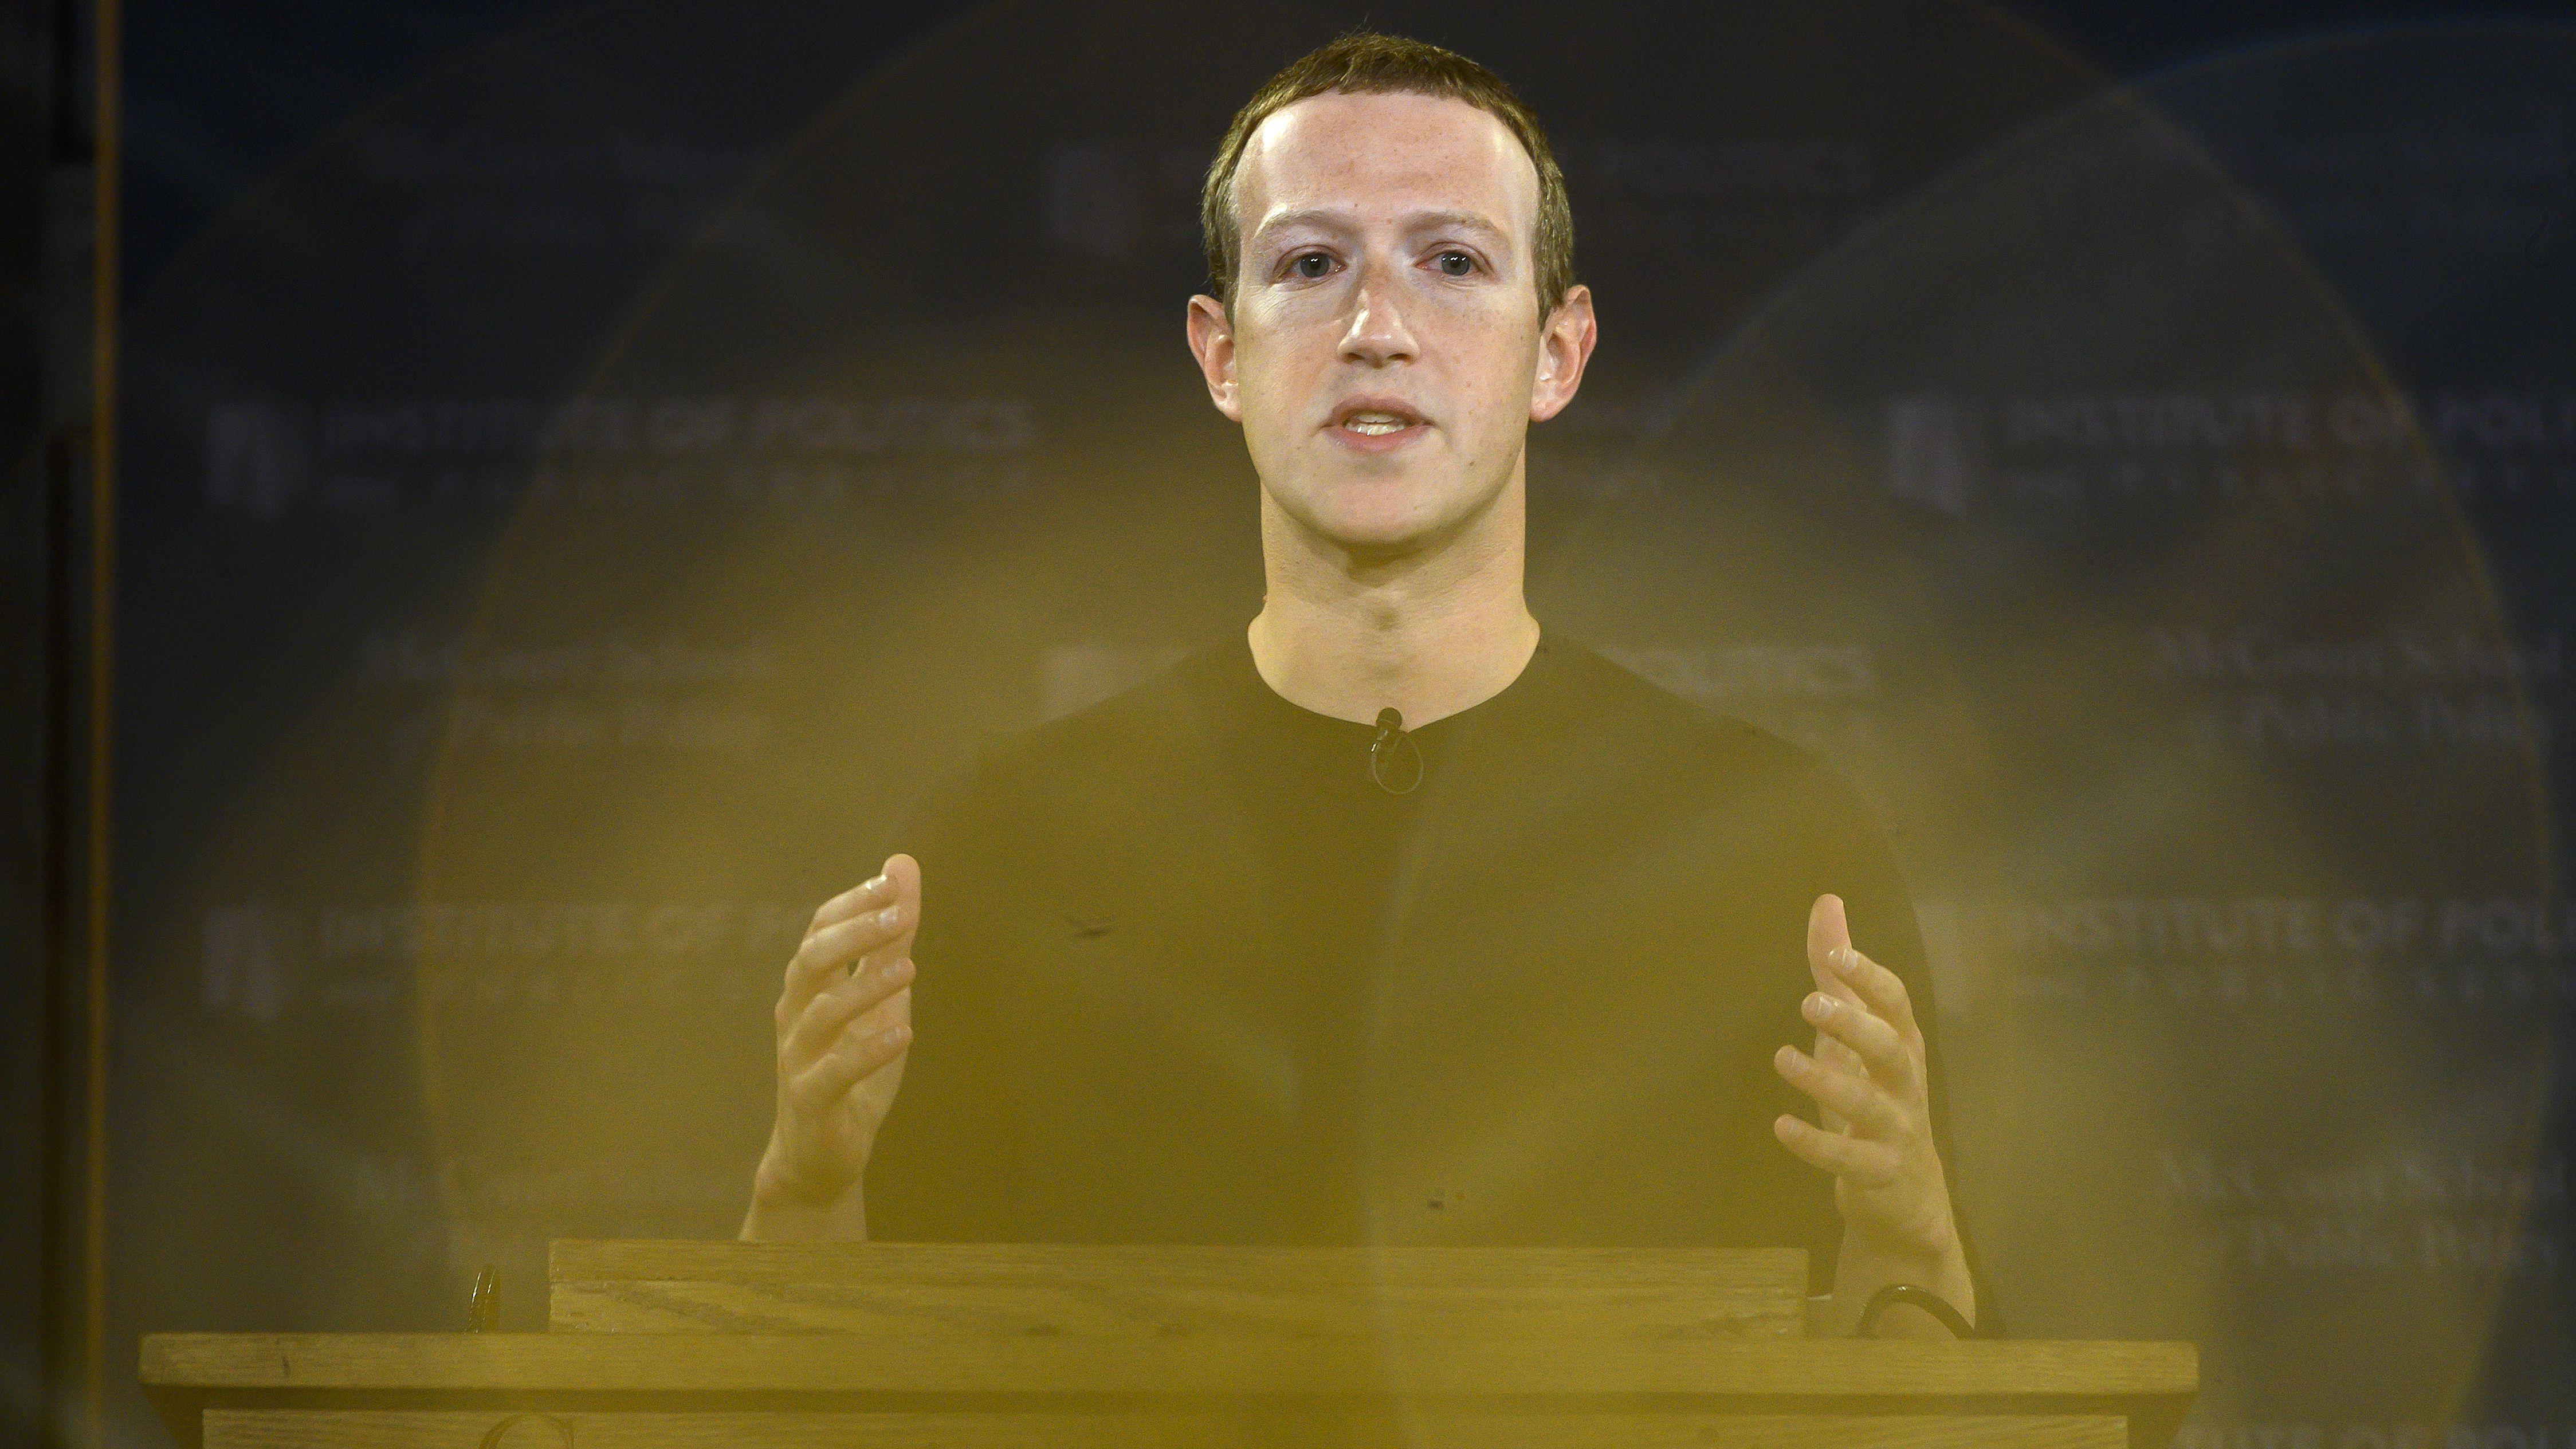 Mark Zuckerberg, CEO de Facebook durante una charla sobre la libertad de expresión que dio en Washington, DC (Photo by ANDREW CABALLERO-REYNOLDS / AFP)